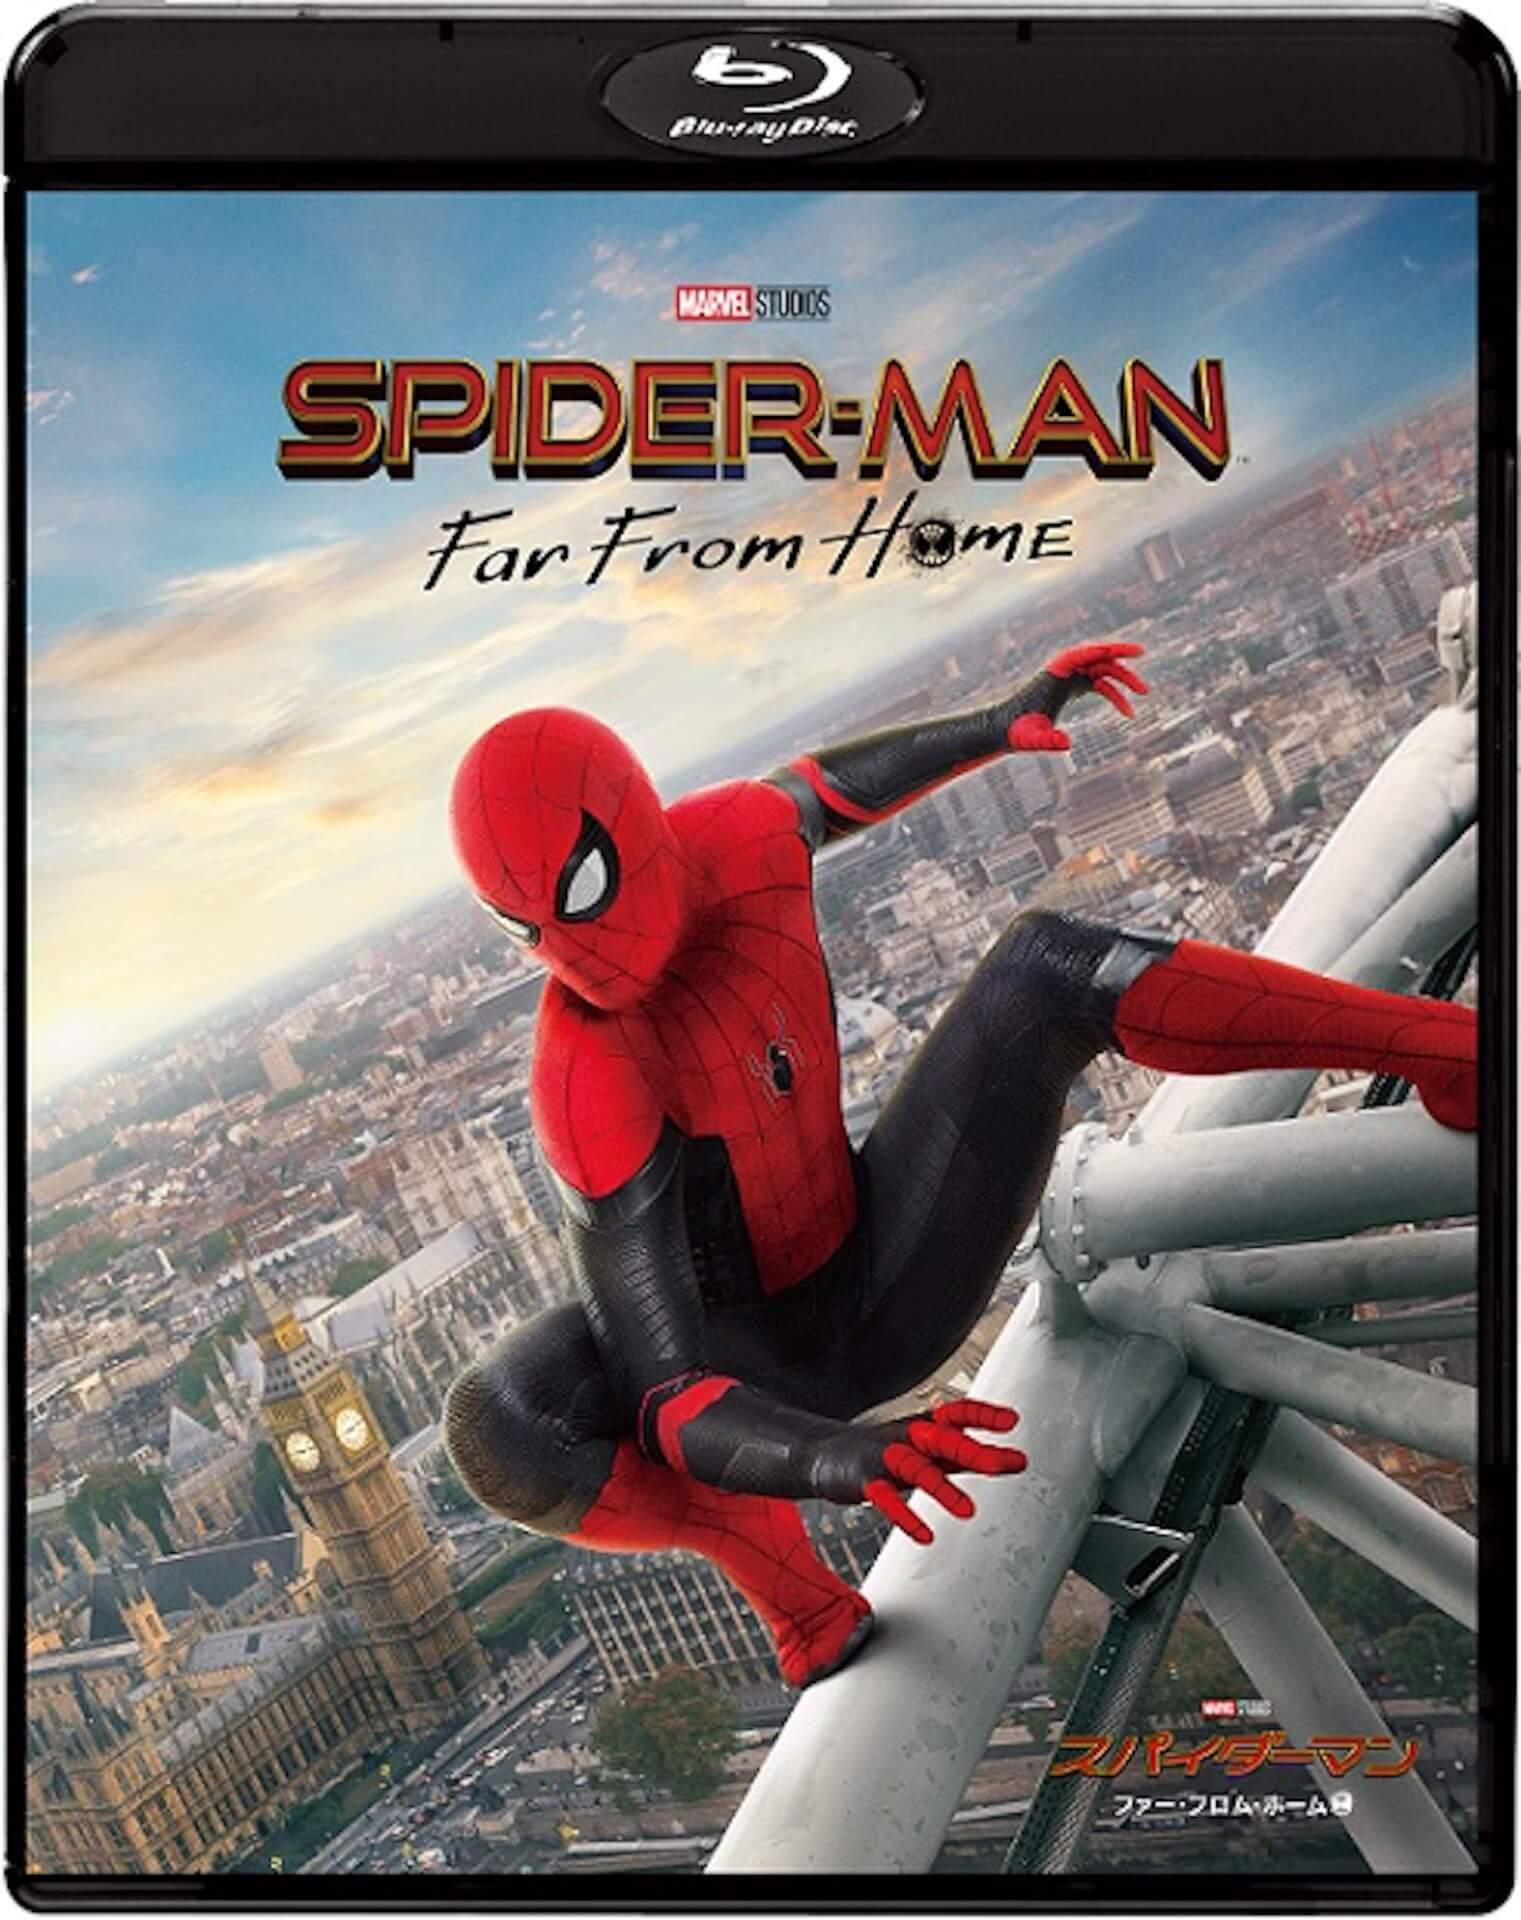 「スパイダーマン」の親友、ジェイコブ・バタロンが初来日!宇垣美里と鏡開きでテンションMAX film190917_sffh_jacob_2